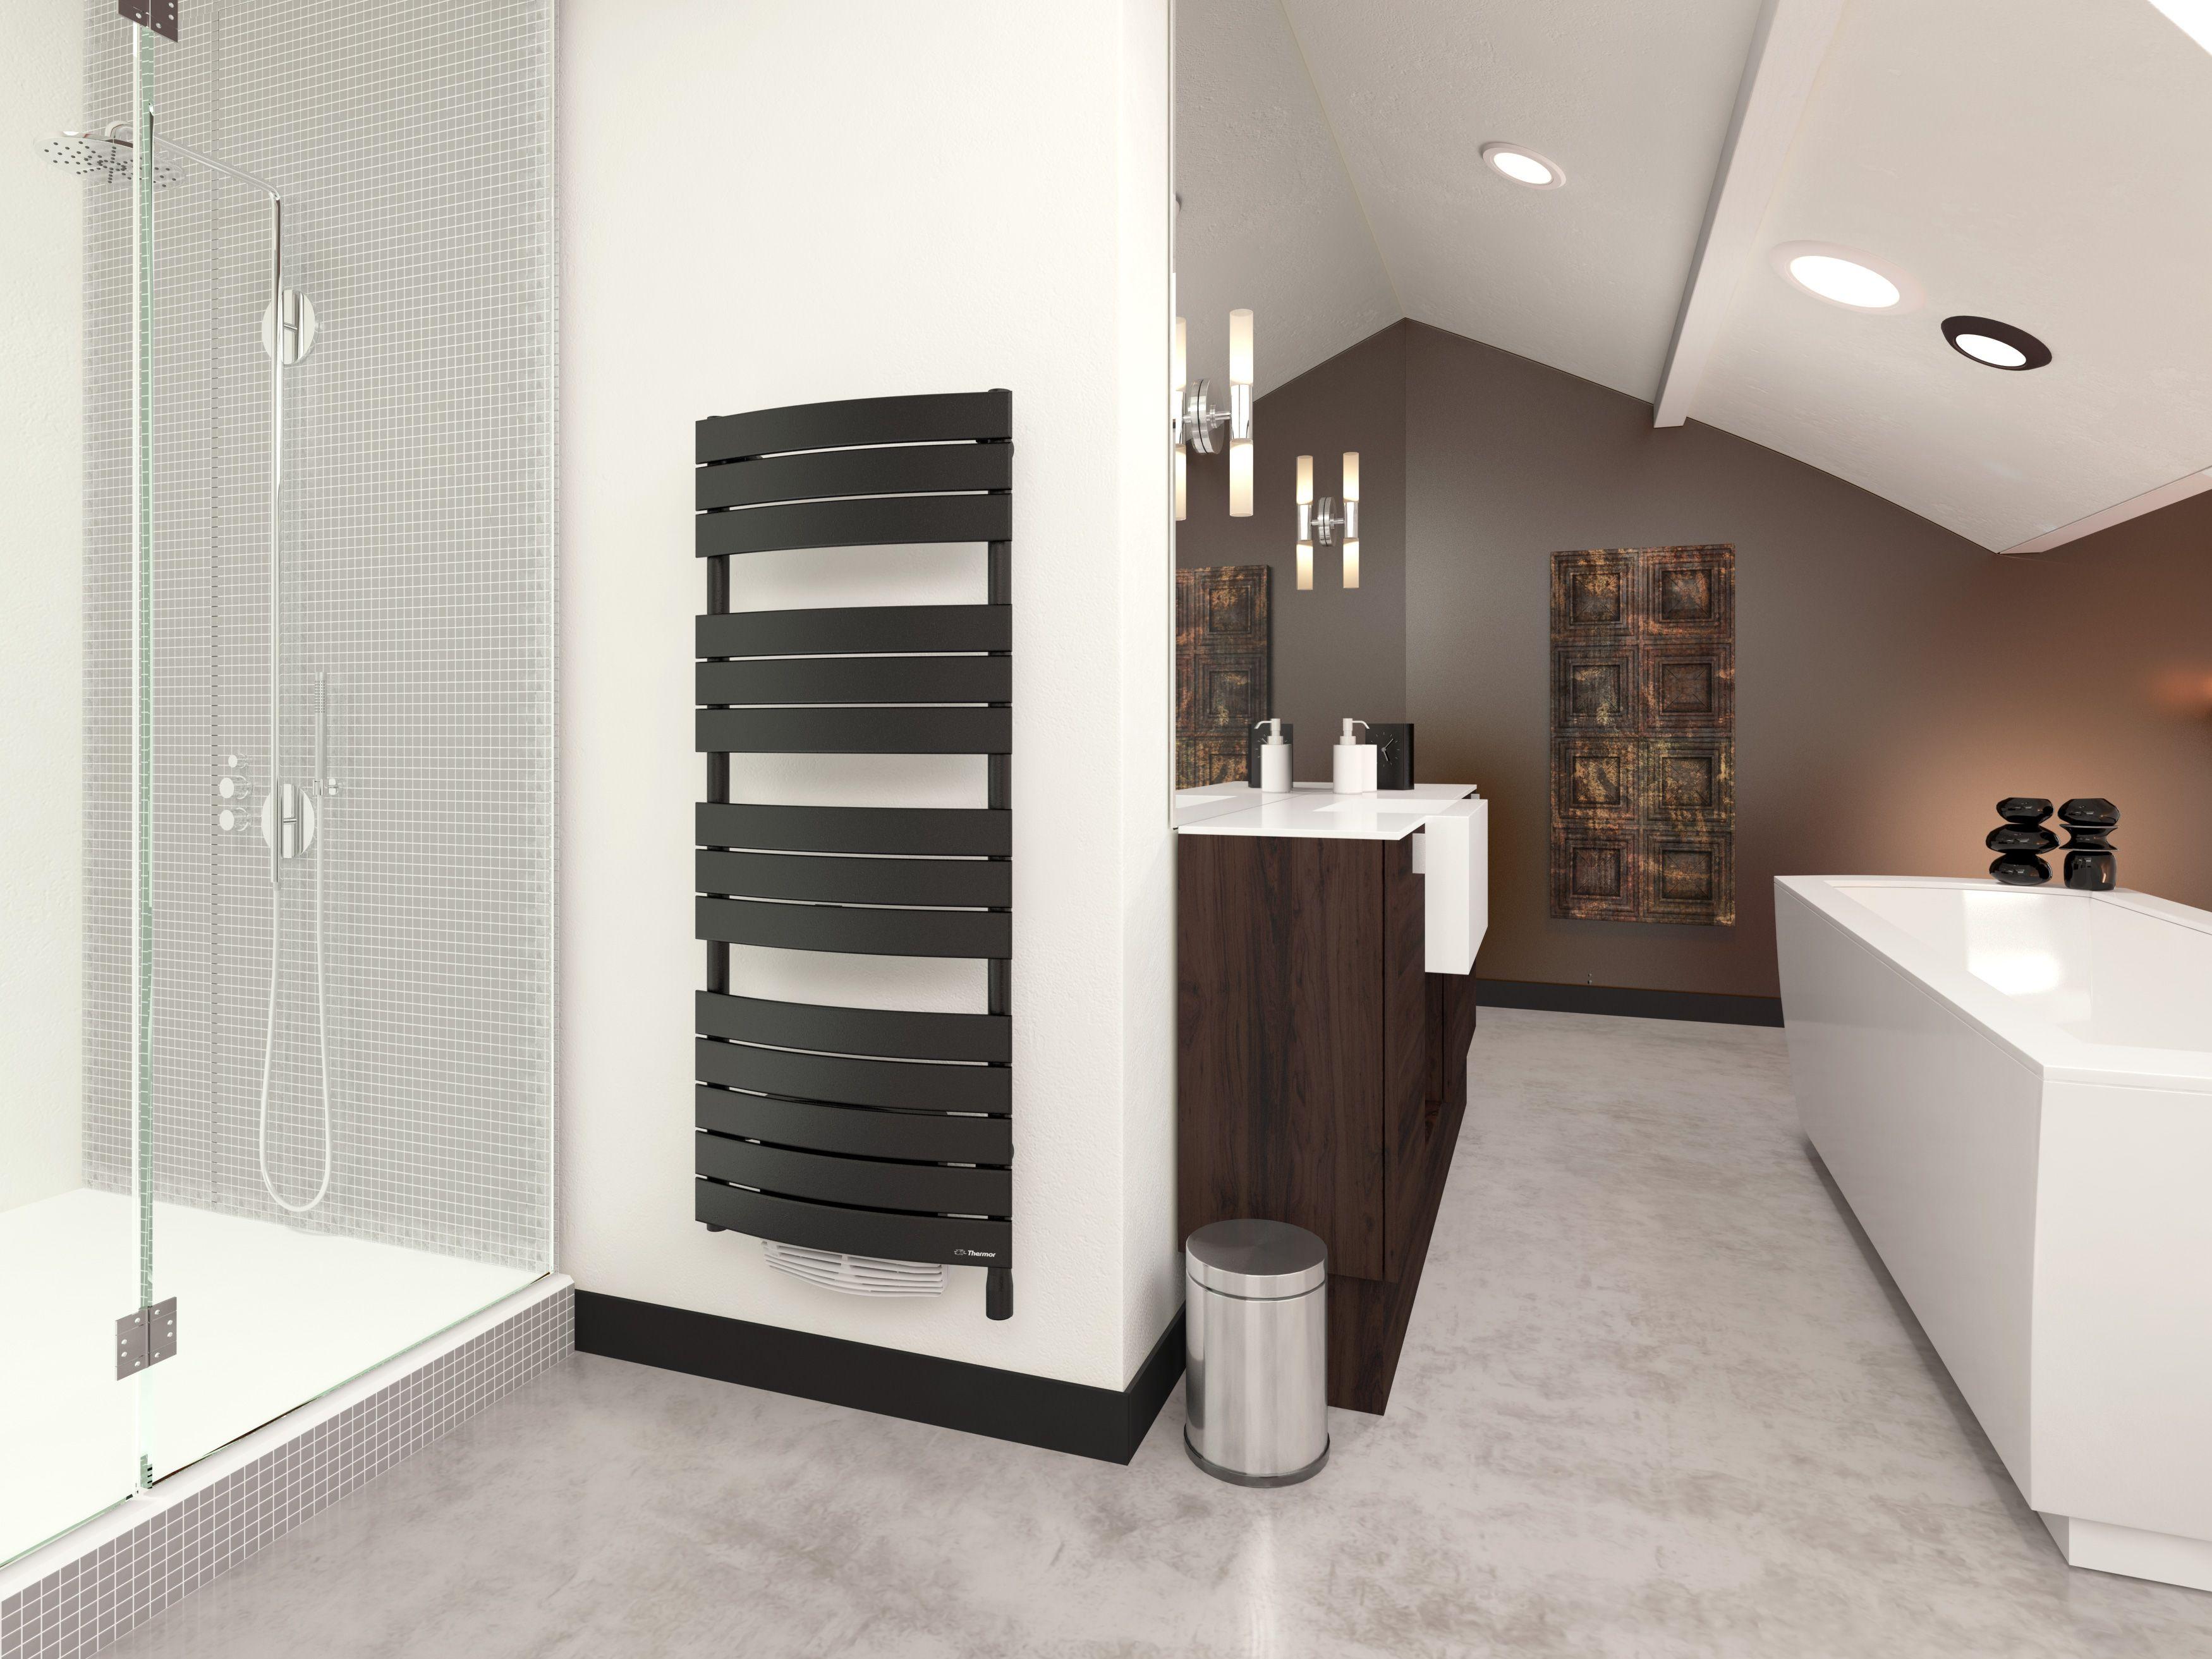 Radiateur Sècheserviettes Design RIviera Disponible En Coloris - Radiateur salle de bain seche serviette